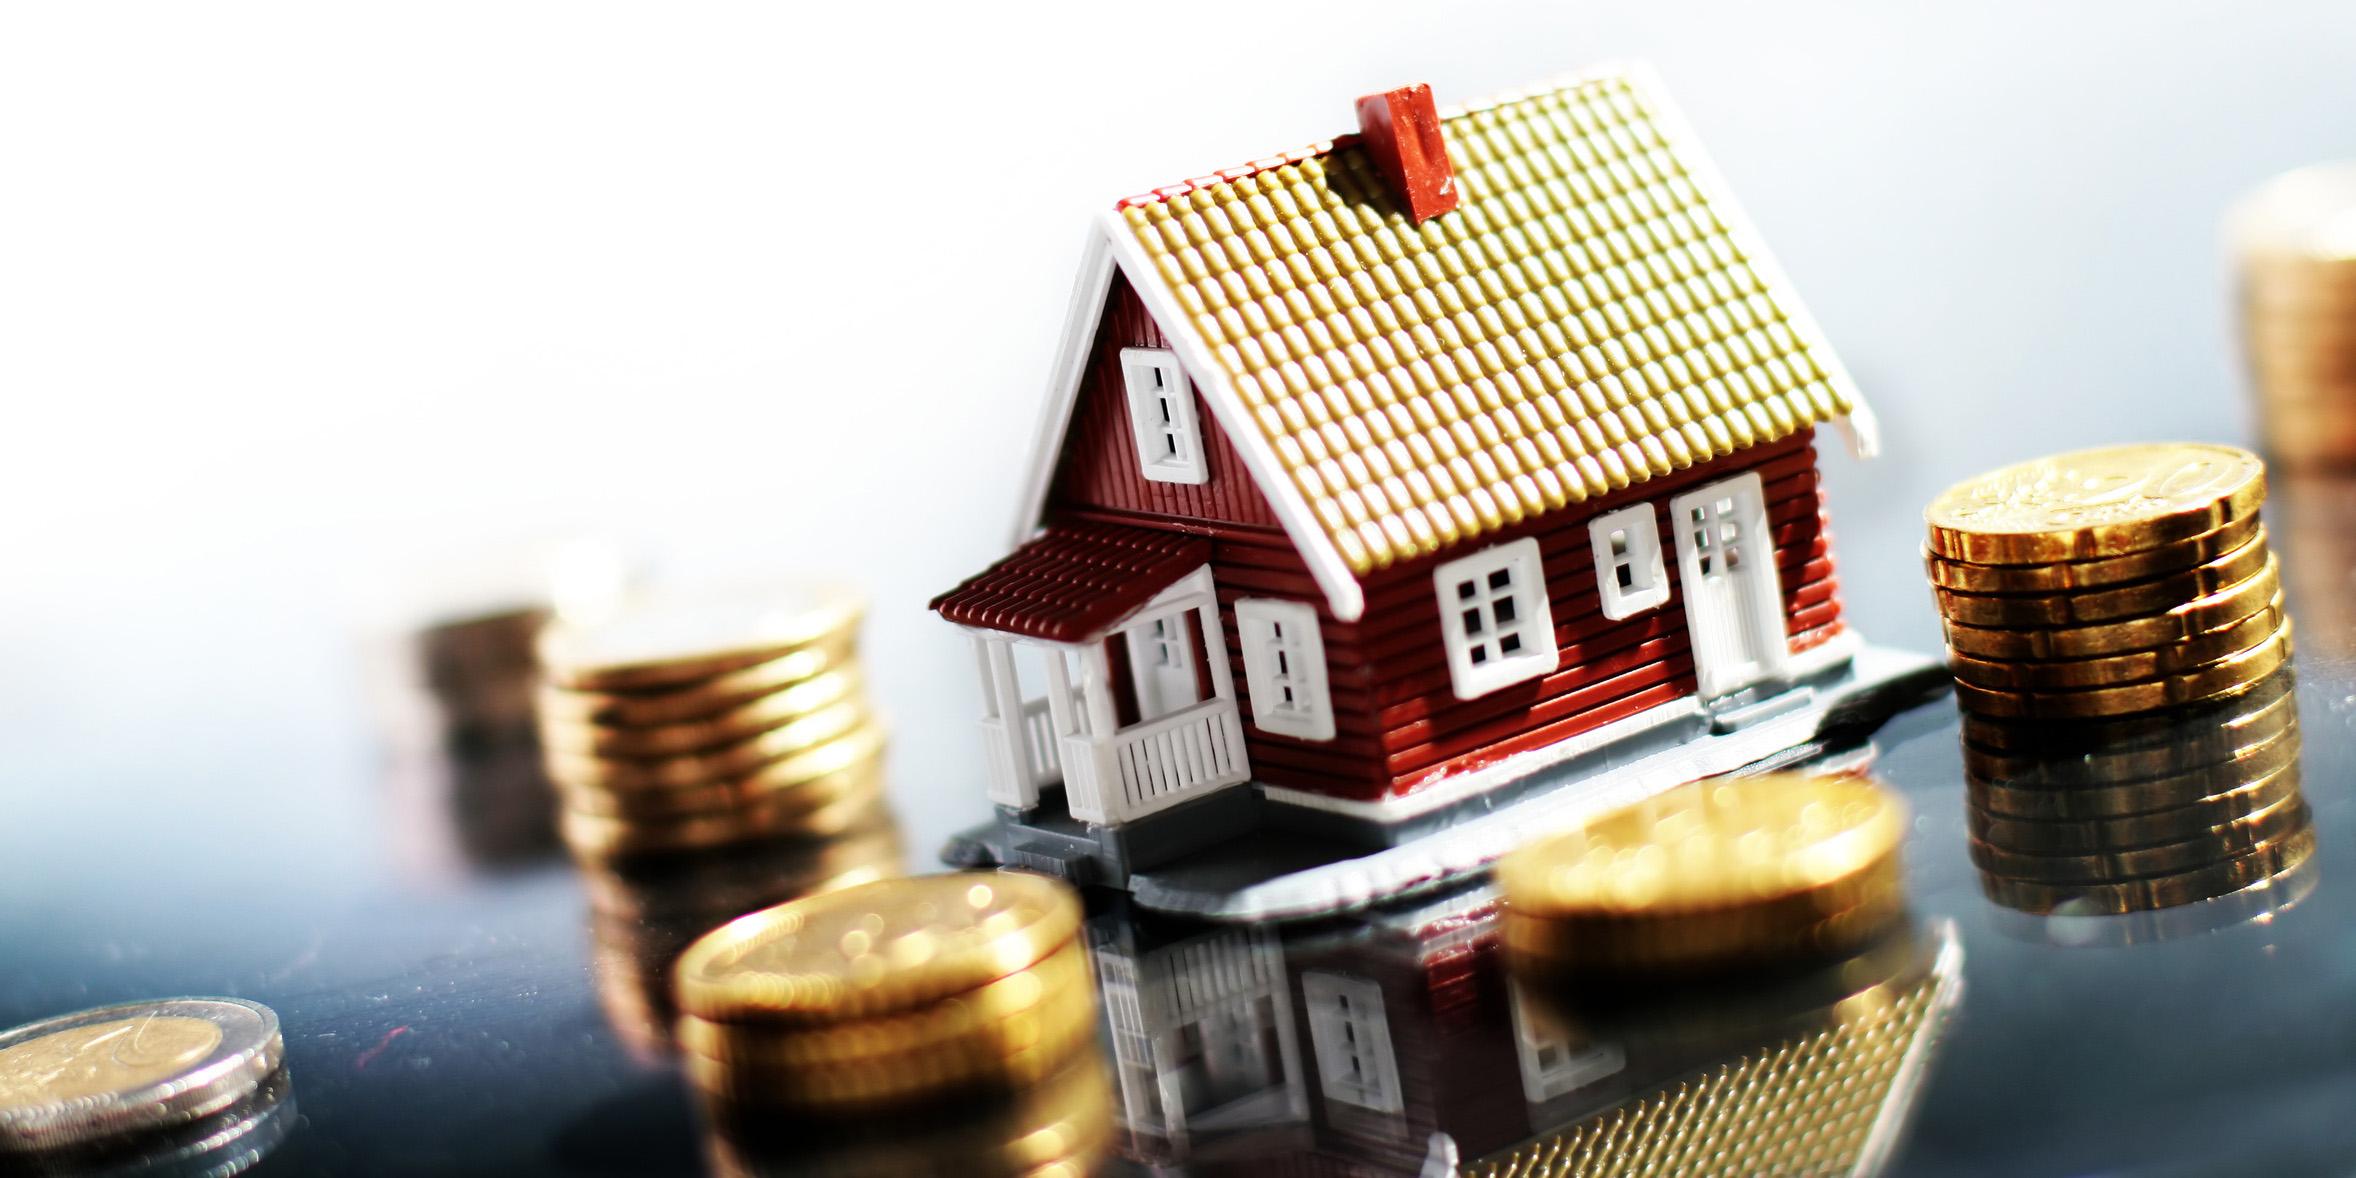 مالیات 10 درصدی بر ساختمانهای نوساز اوضاع رکود را بدتر میکند